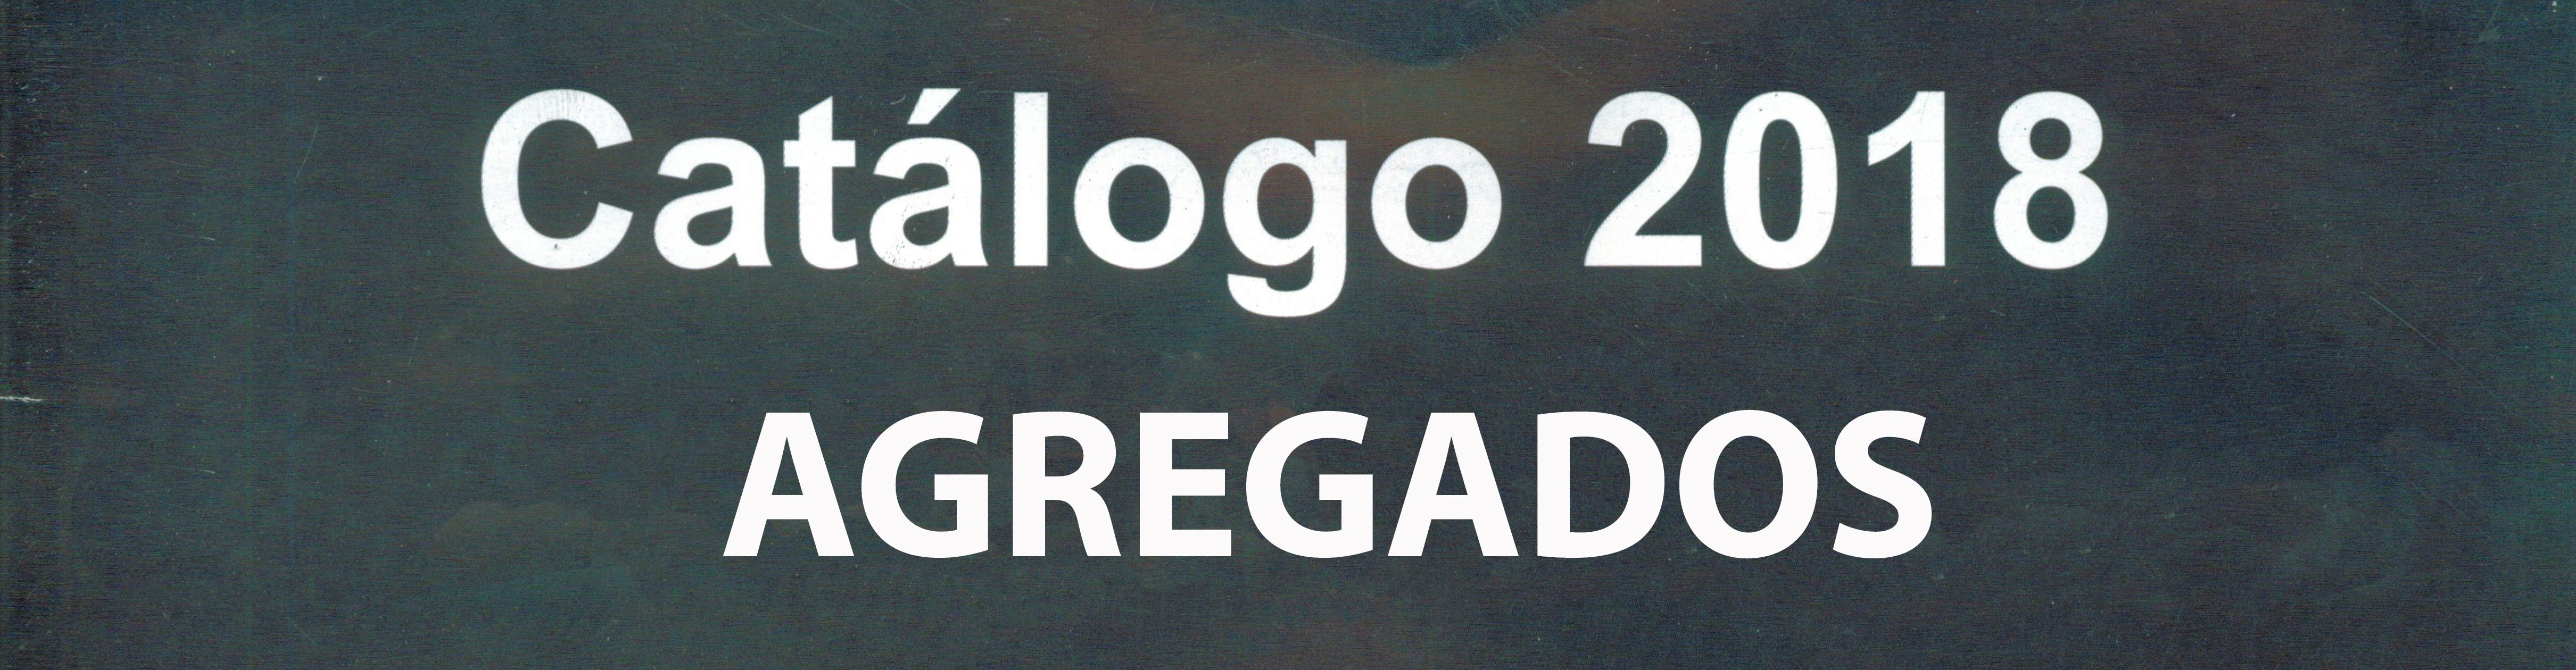 AGREGADOS CATALOGO 2018 (FEBRERO 2019)